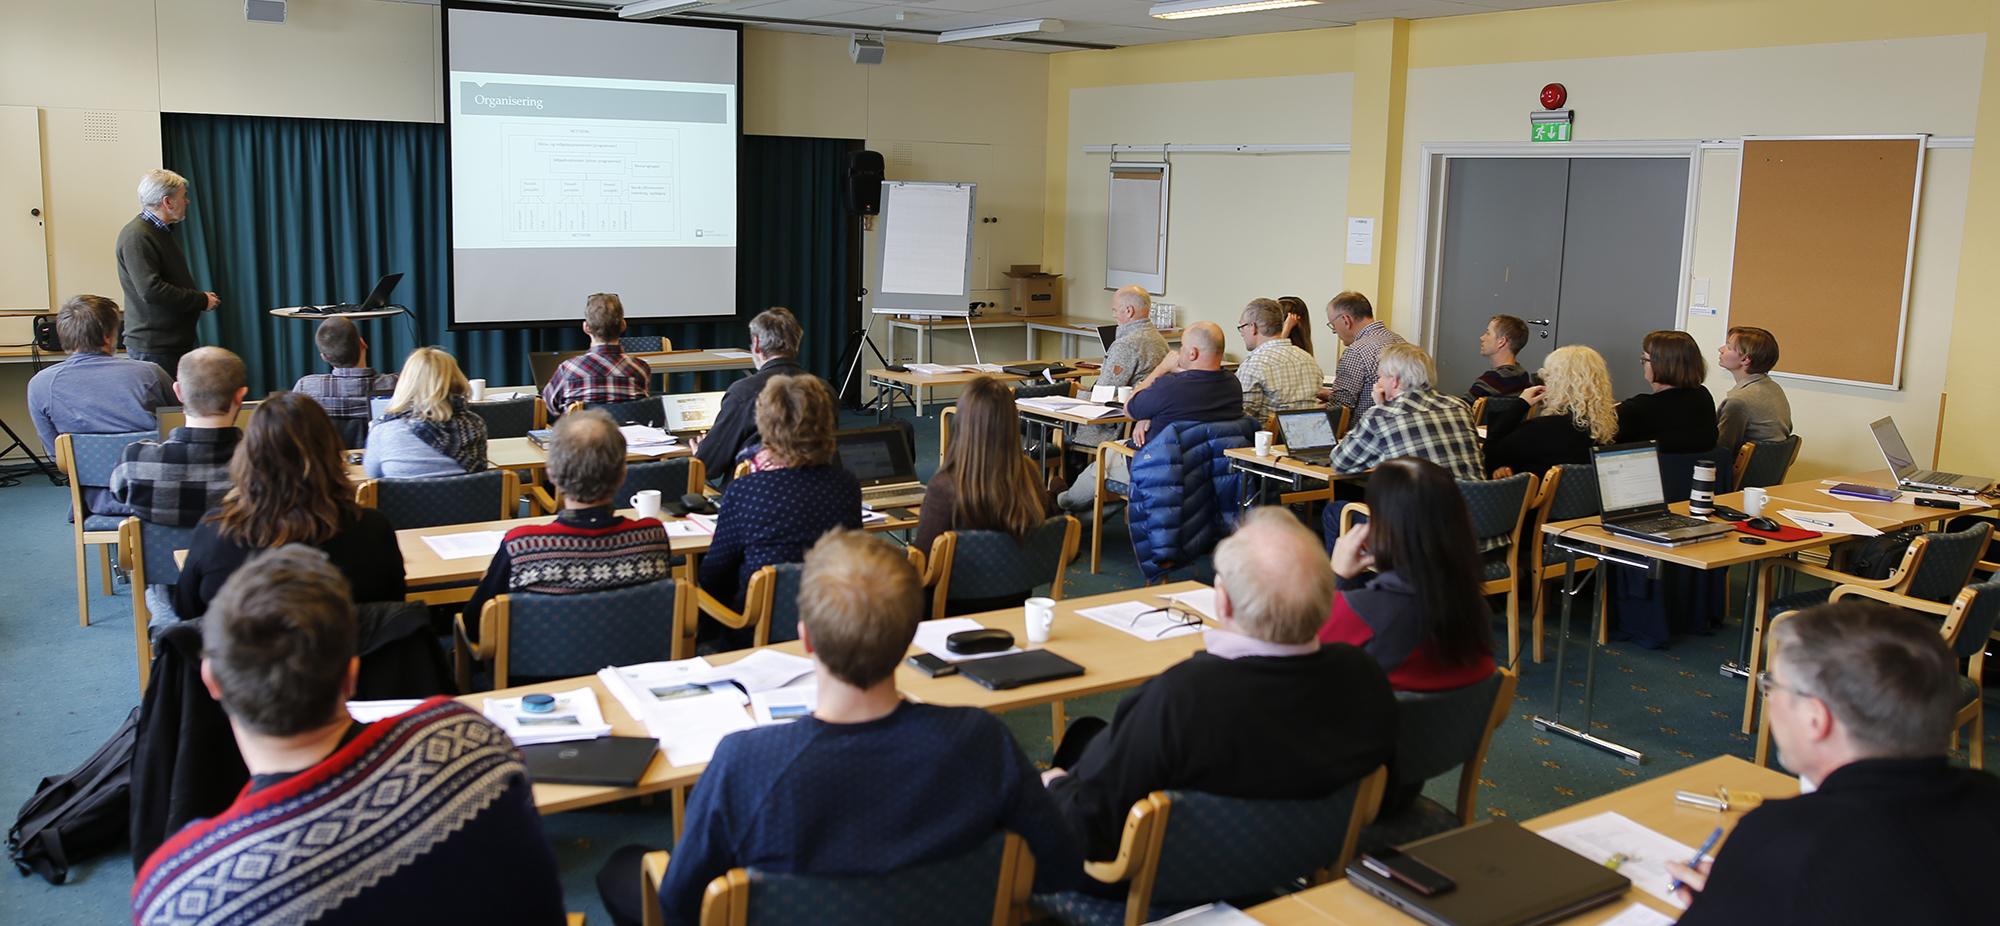 Vemund Jaren fra Miljødirektoratet med en overordnet presentasjon av programmet og litt om direktoratets forventninger. Foto: Anders Mossing